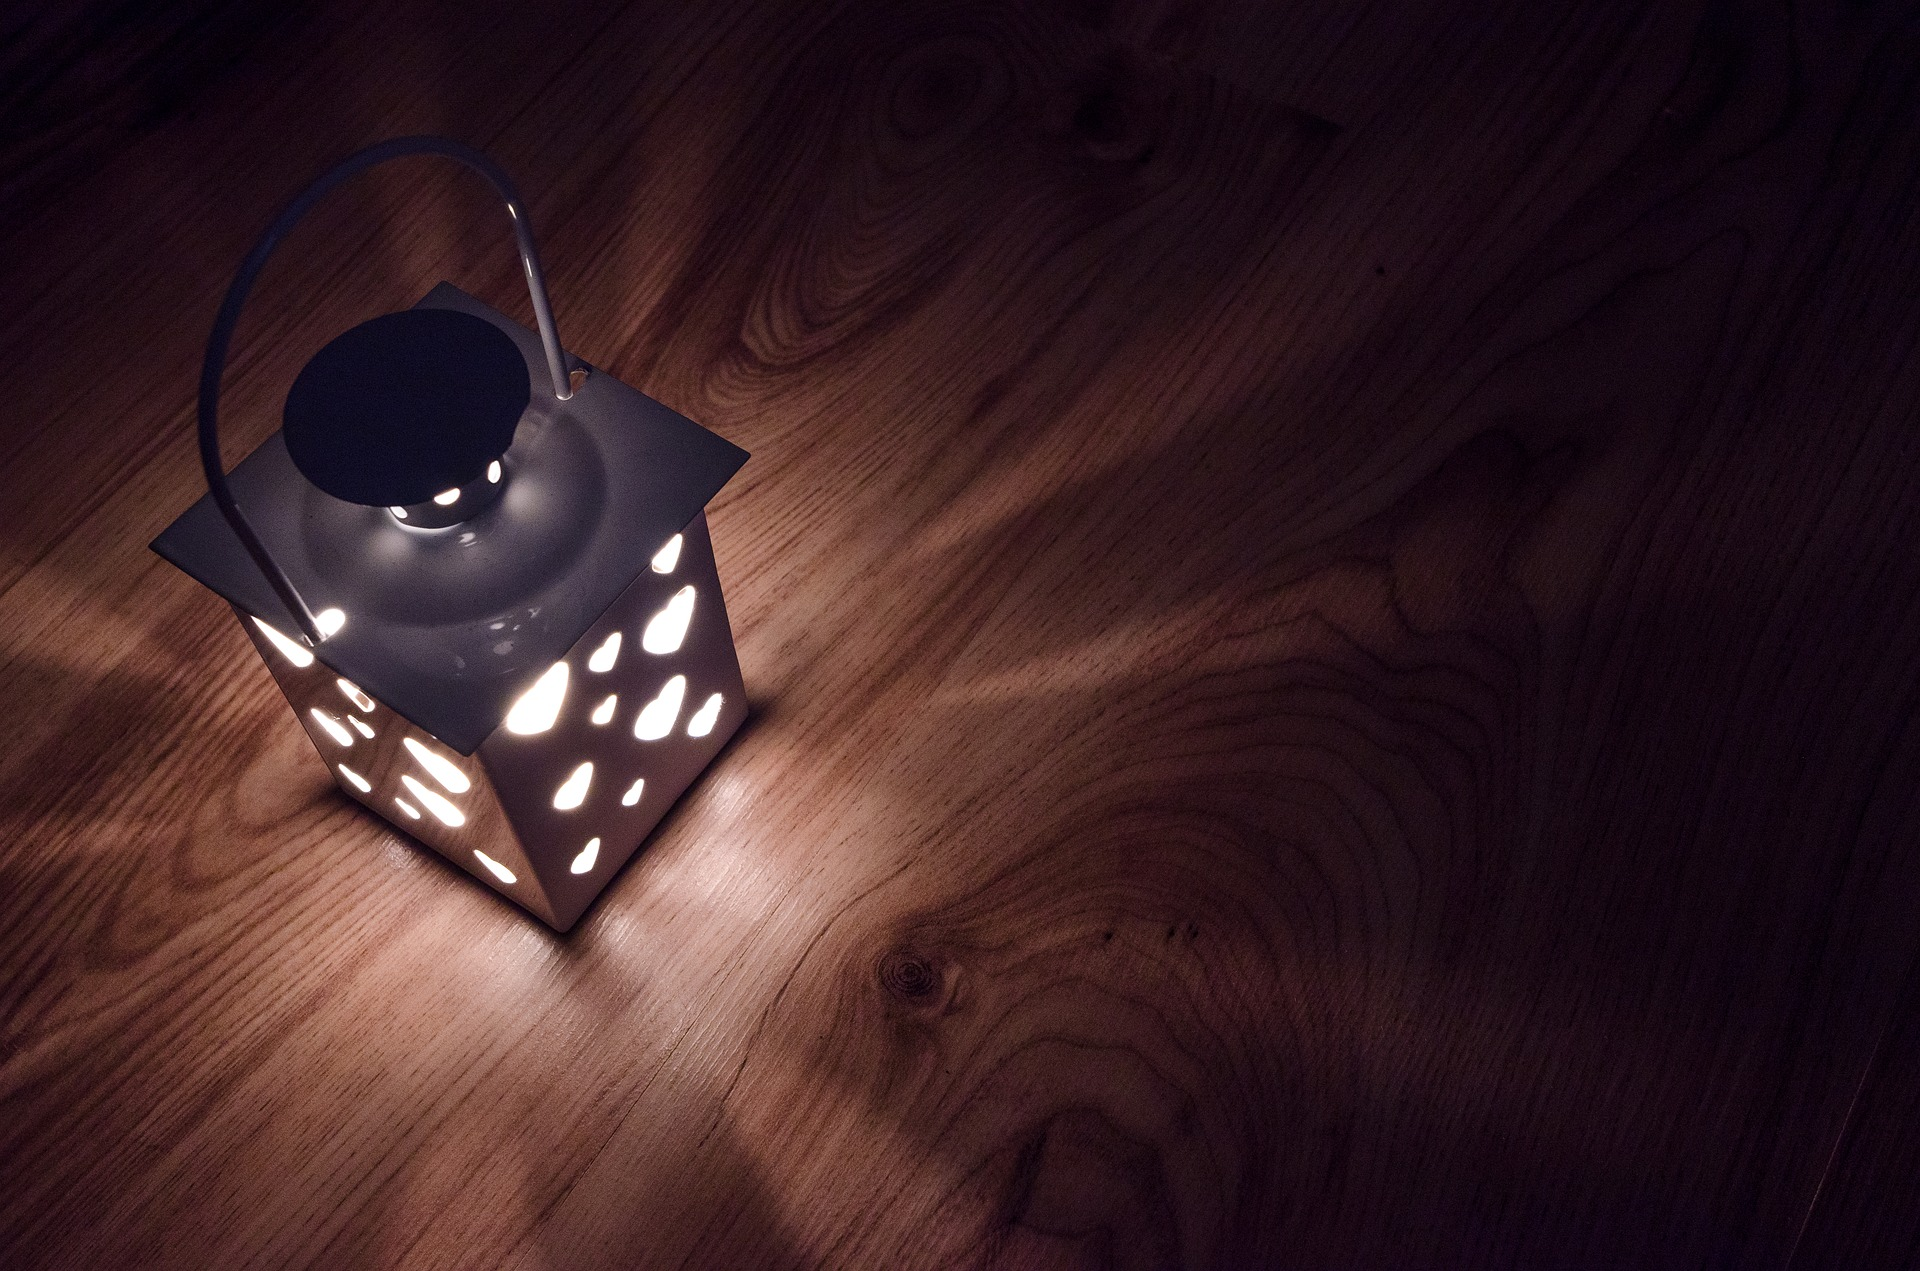 7. Lichter aus - wenn sie nicht gebraucht werden. Obwohl LEDs im Vergleich zu normalen Glühbirnen teurer sind, rechnet sich das schnell, denn sie benötigen nur 20% ihrer Energie. Entgegen aller Gerüchte sind LEDs auch in warmer Lichtfarbe erhältlich.